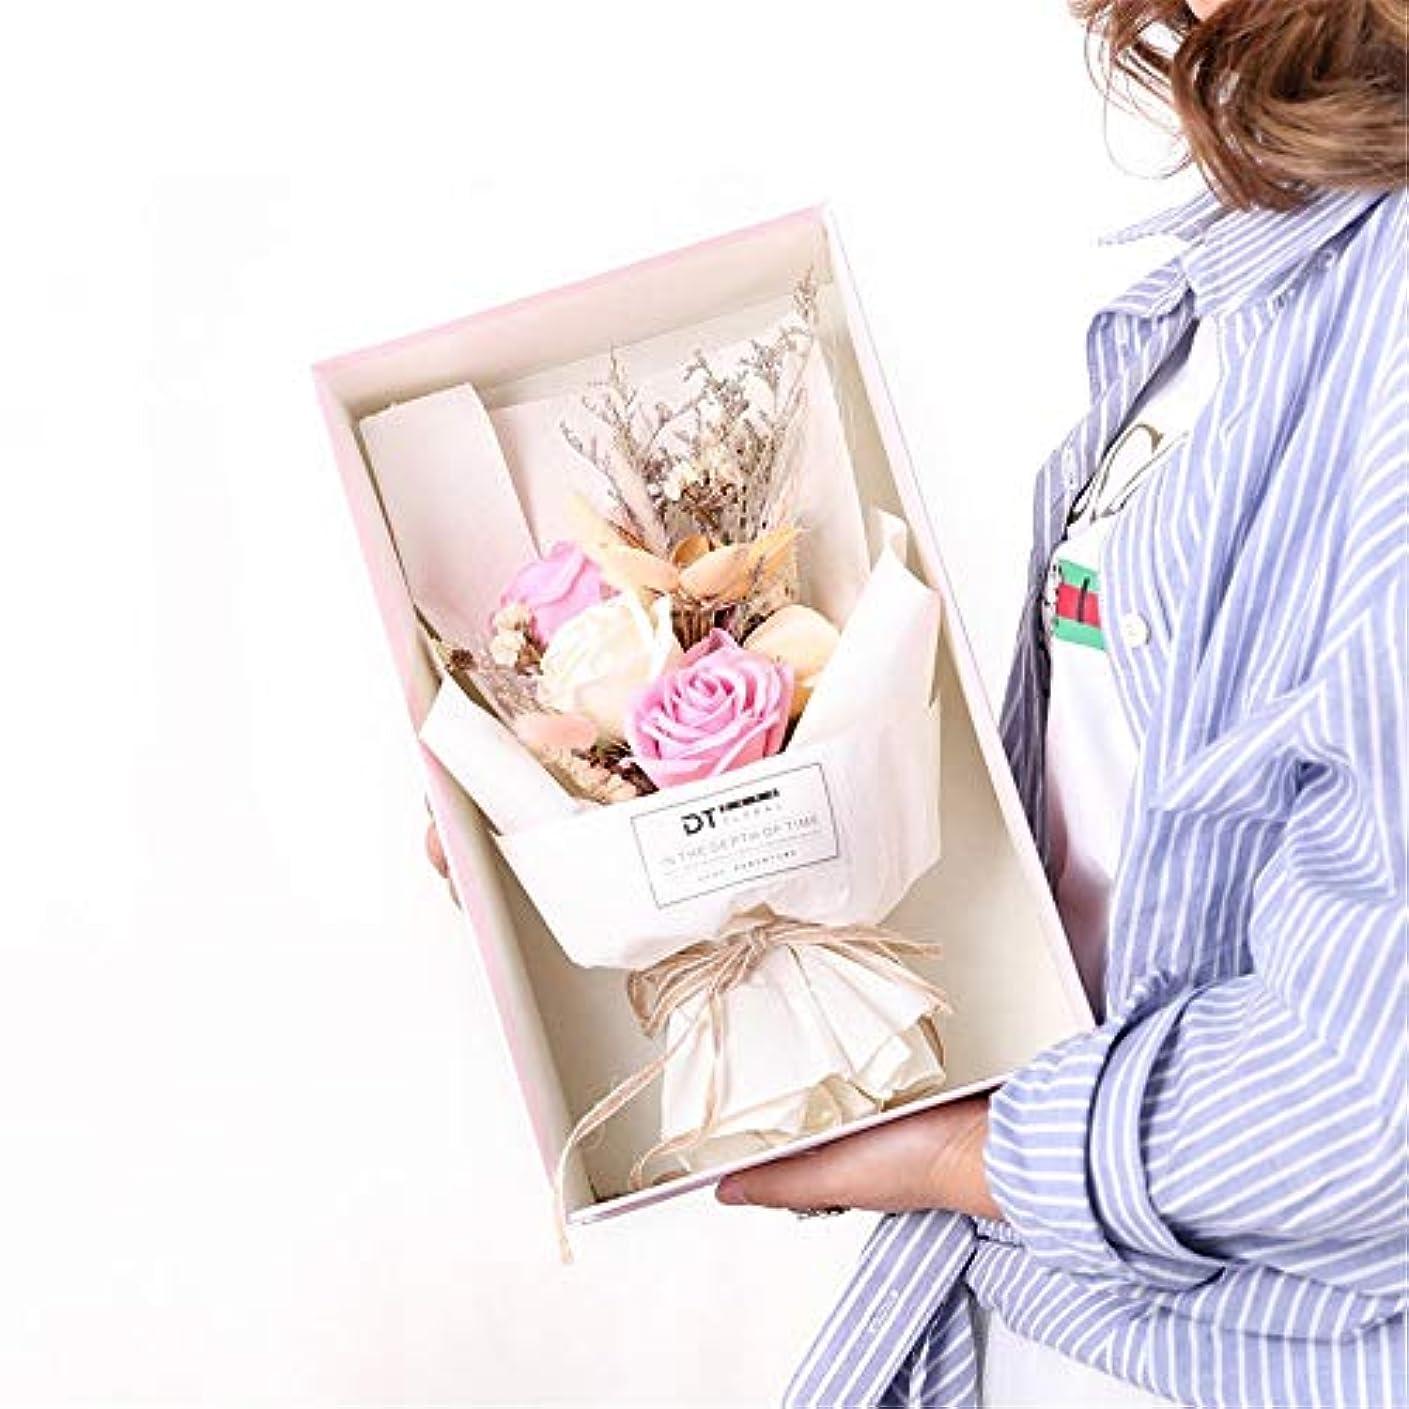 石炭ジャーナルフィクション手作りのバラ石鹸フラワーブーケのギフトボックス、女性のためのギフトバレンタインデー、母の日、結婚式、クリスマス、誕生日を愛した女の子 (色 : ピンク)